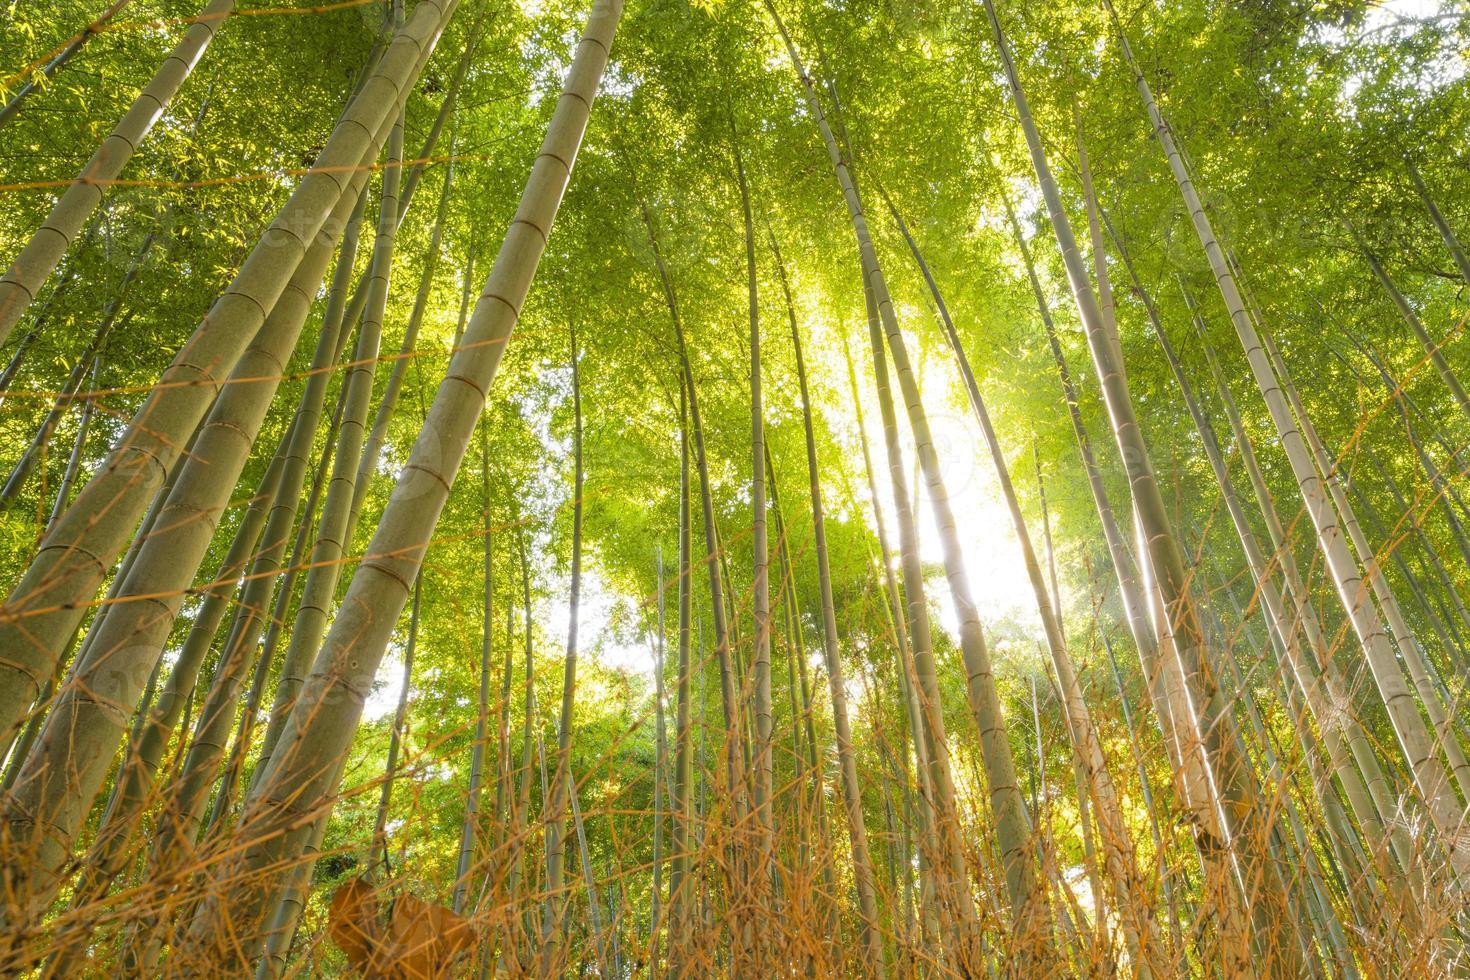 foresta di bambù, Kyoto, Giappone foto